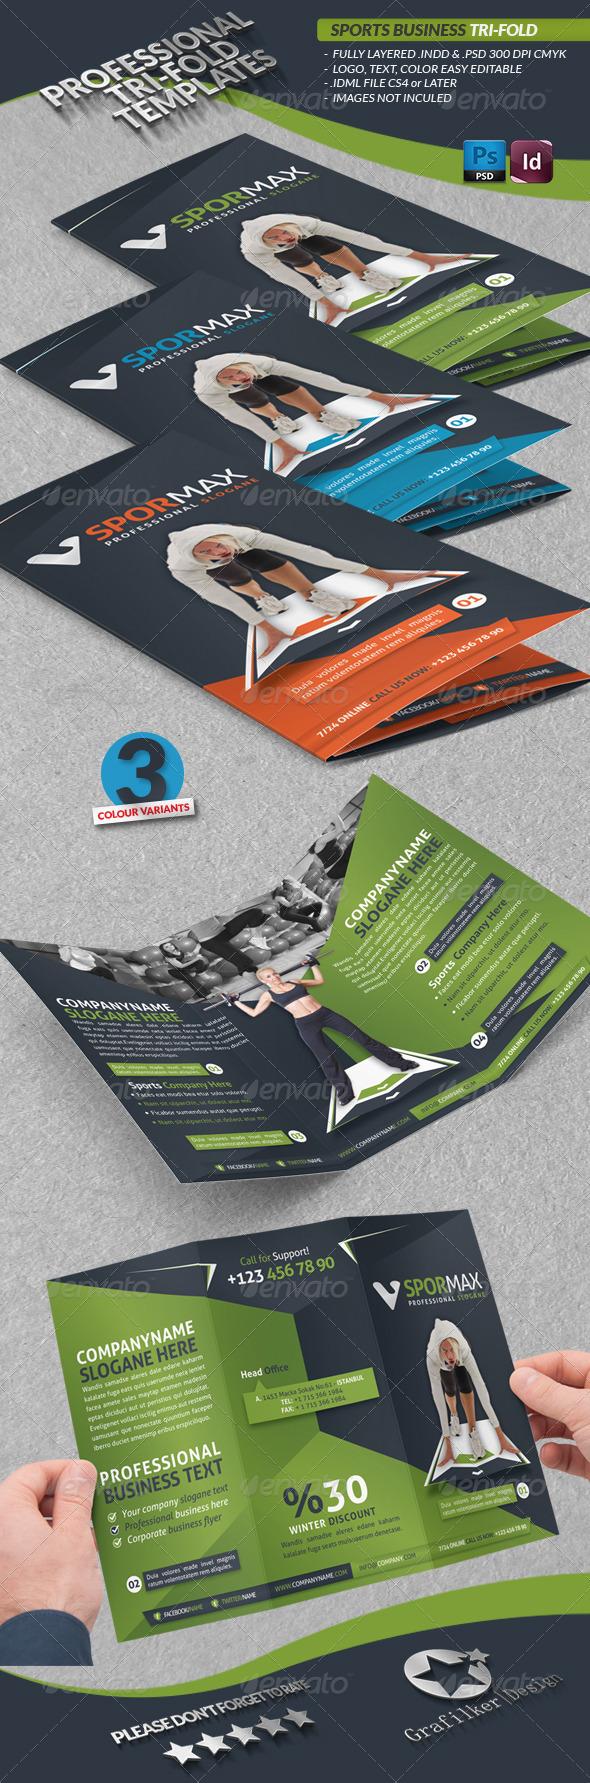 GraphicRiver Sports Business Tri-fold 3948835